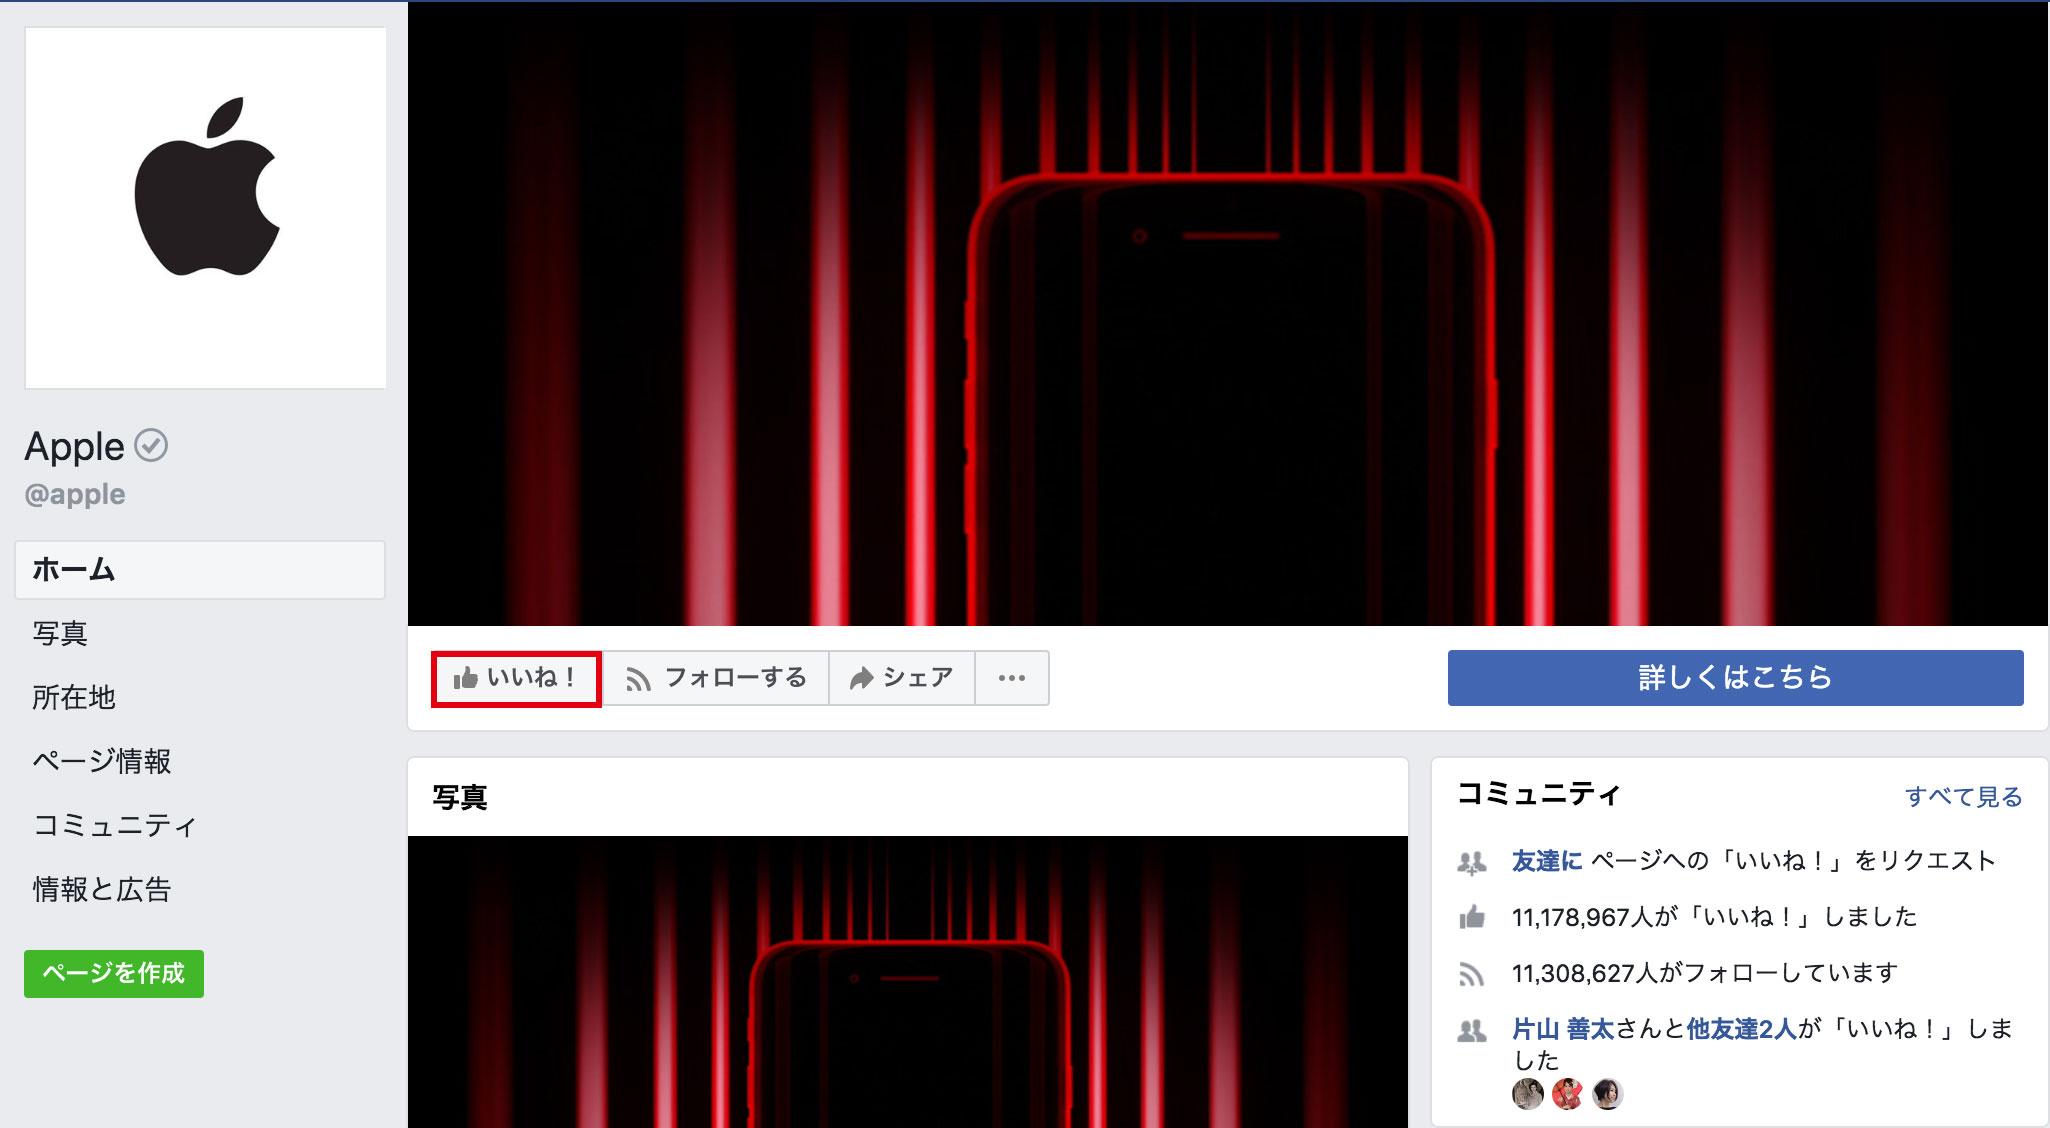 AppleのFacebookページ